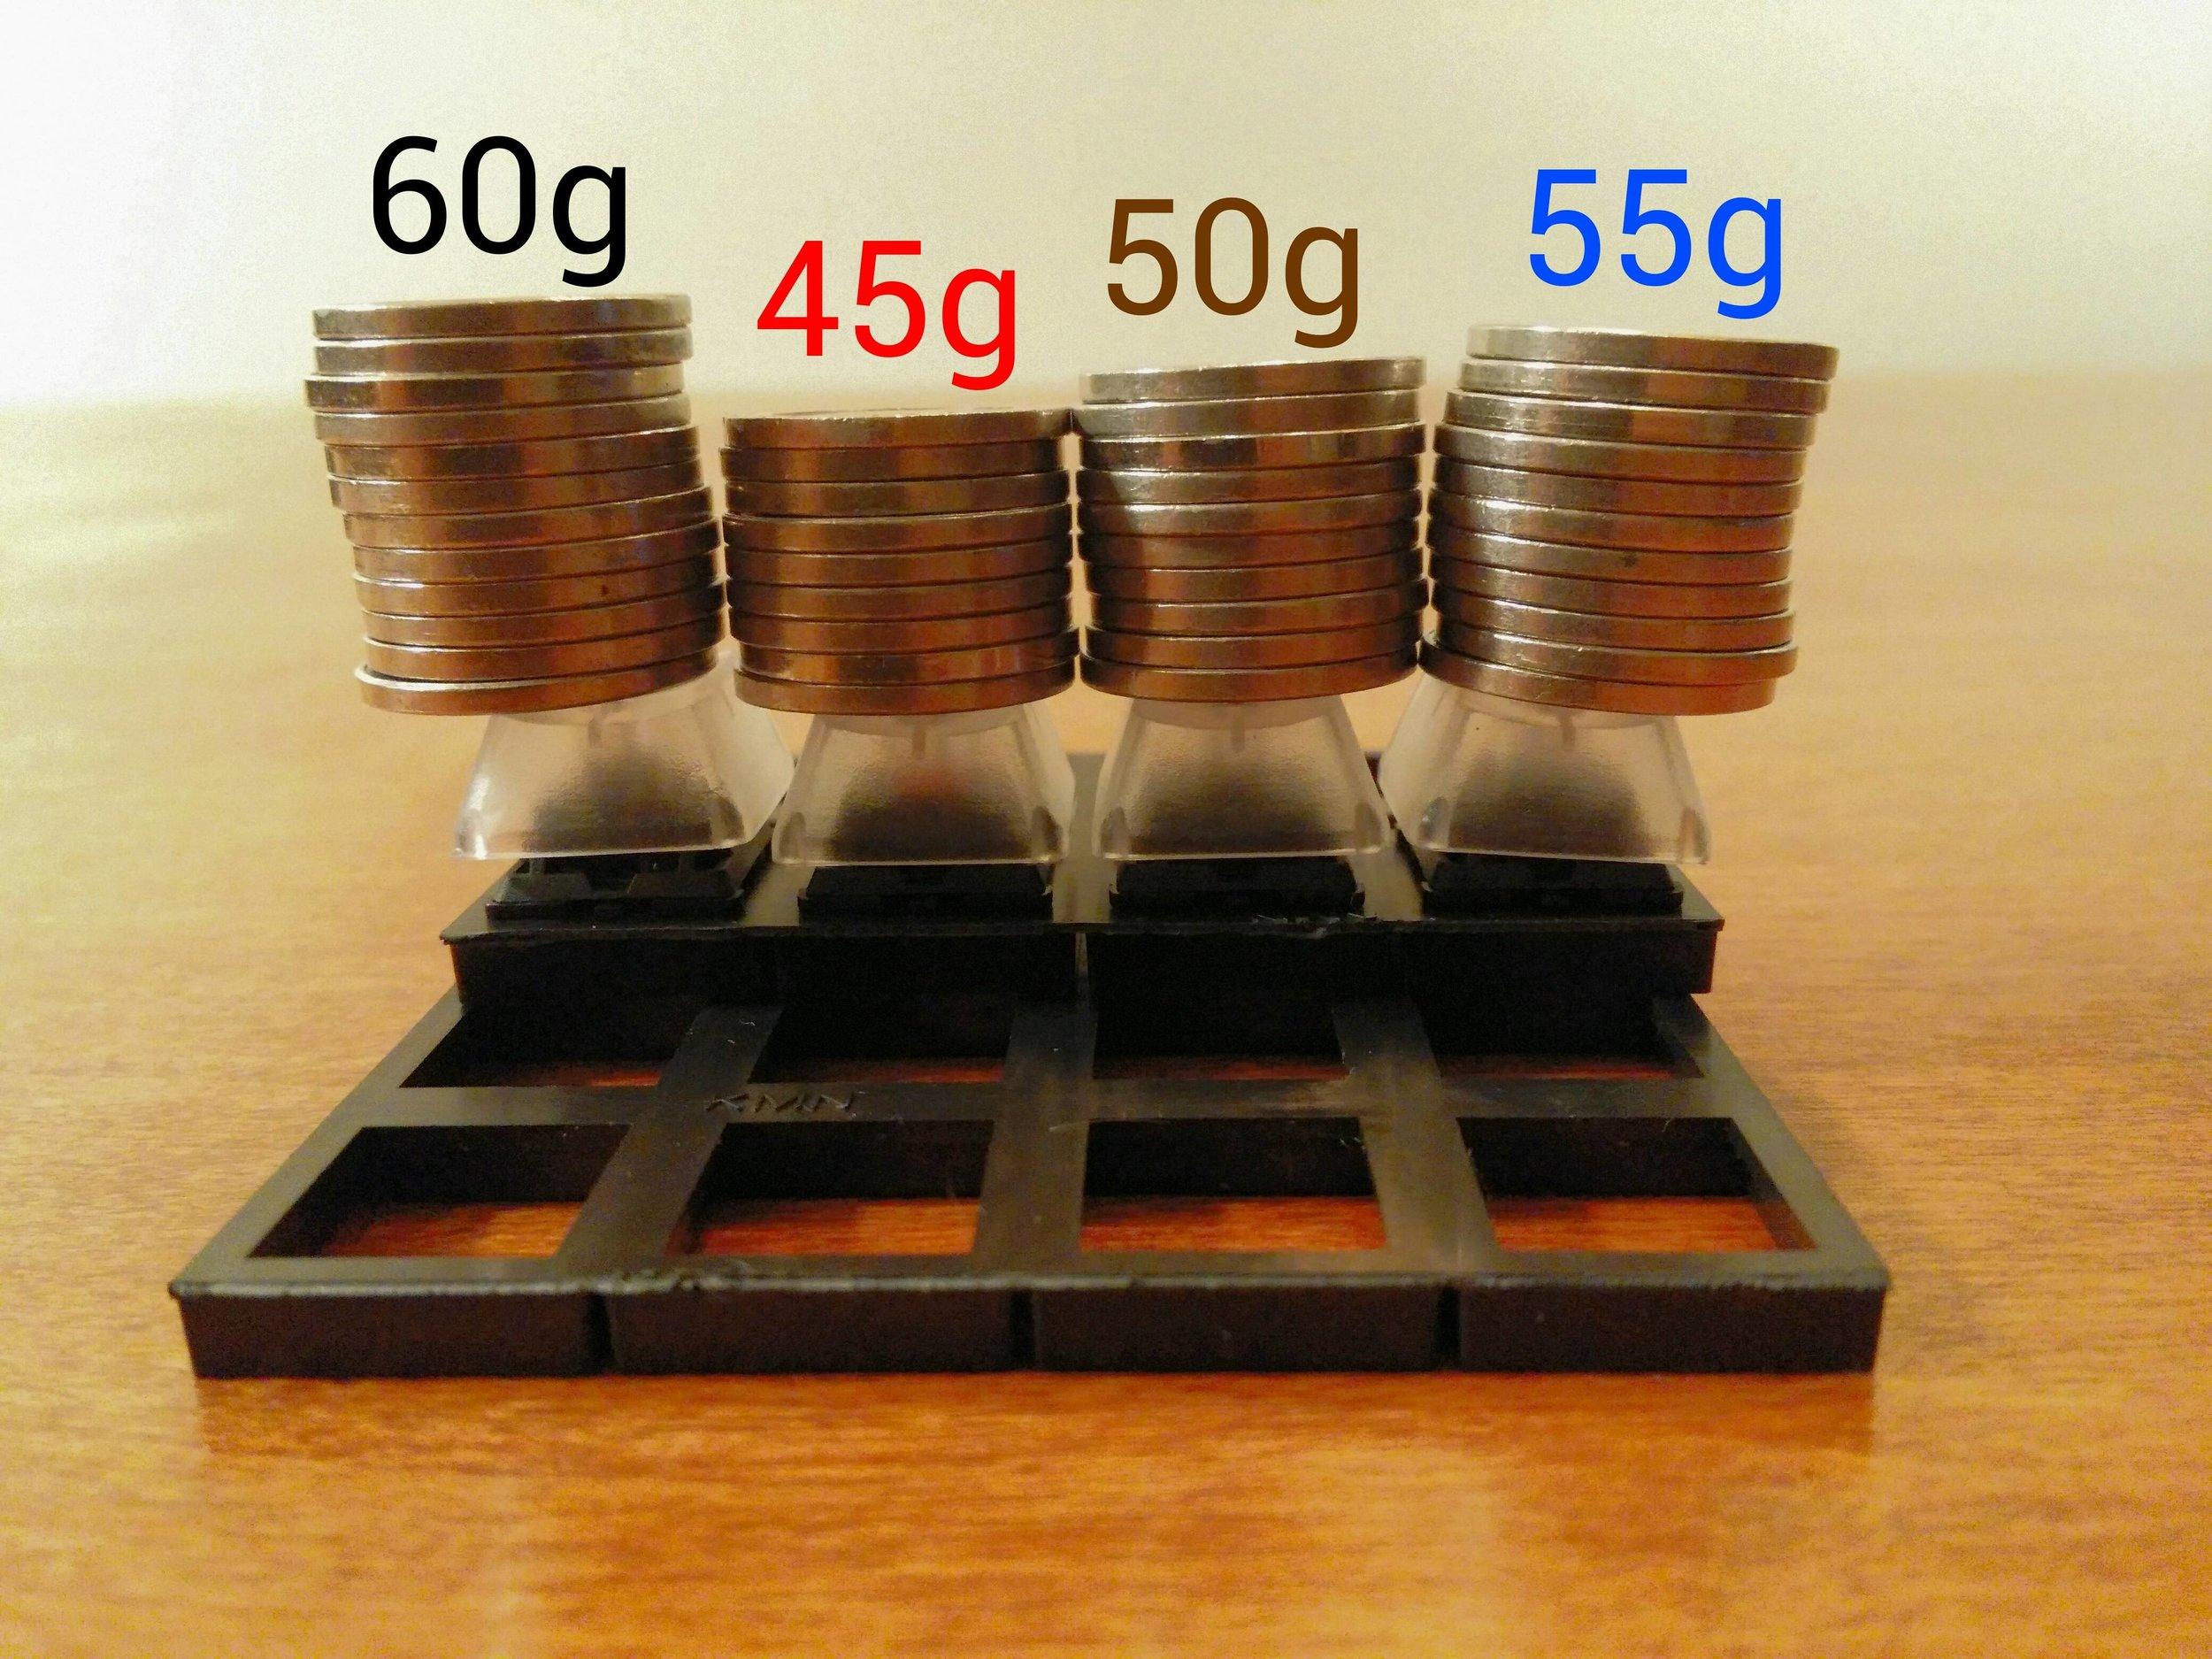 Peso de cada tecla, referência da Greetech